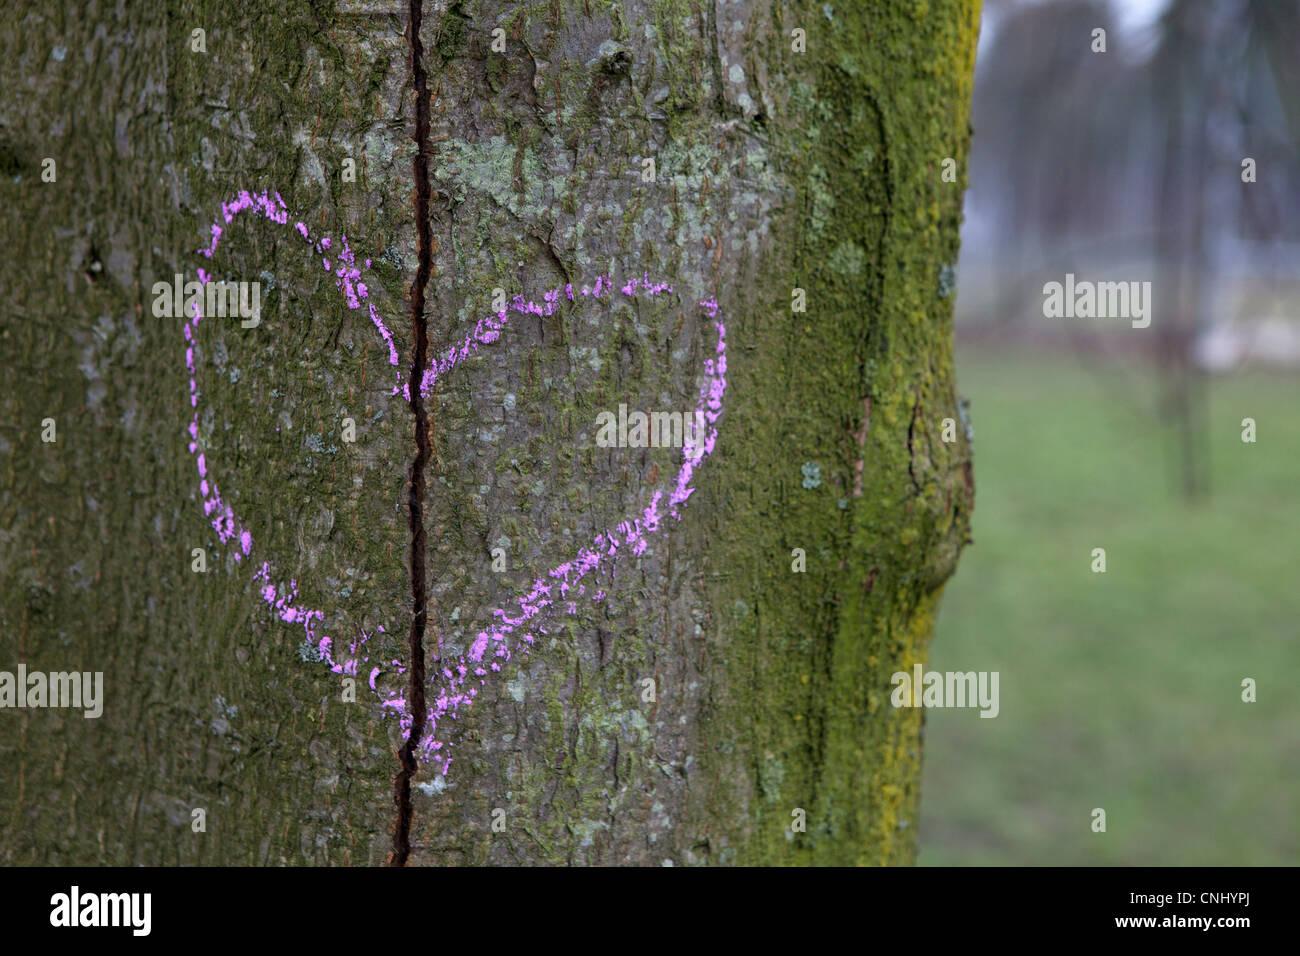 Cœur brisé tirés sur un tronc d'arbre Banque D'Images